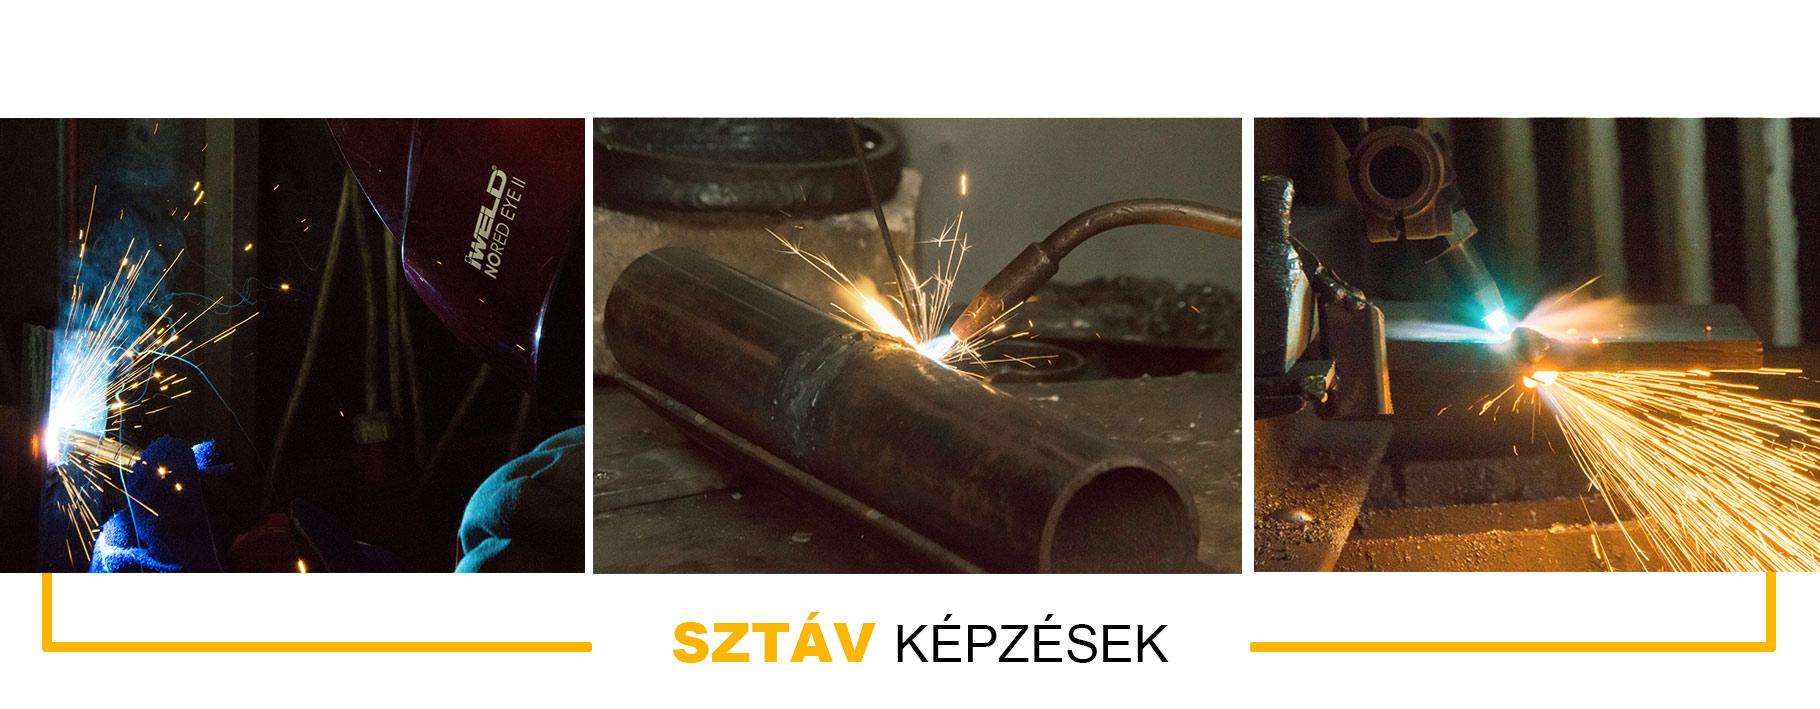 SZTAV_kepzesek_kepsor